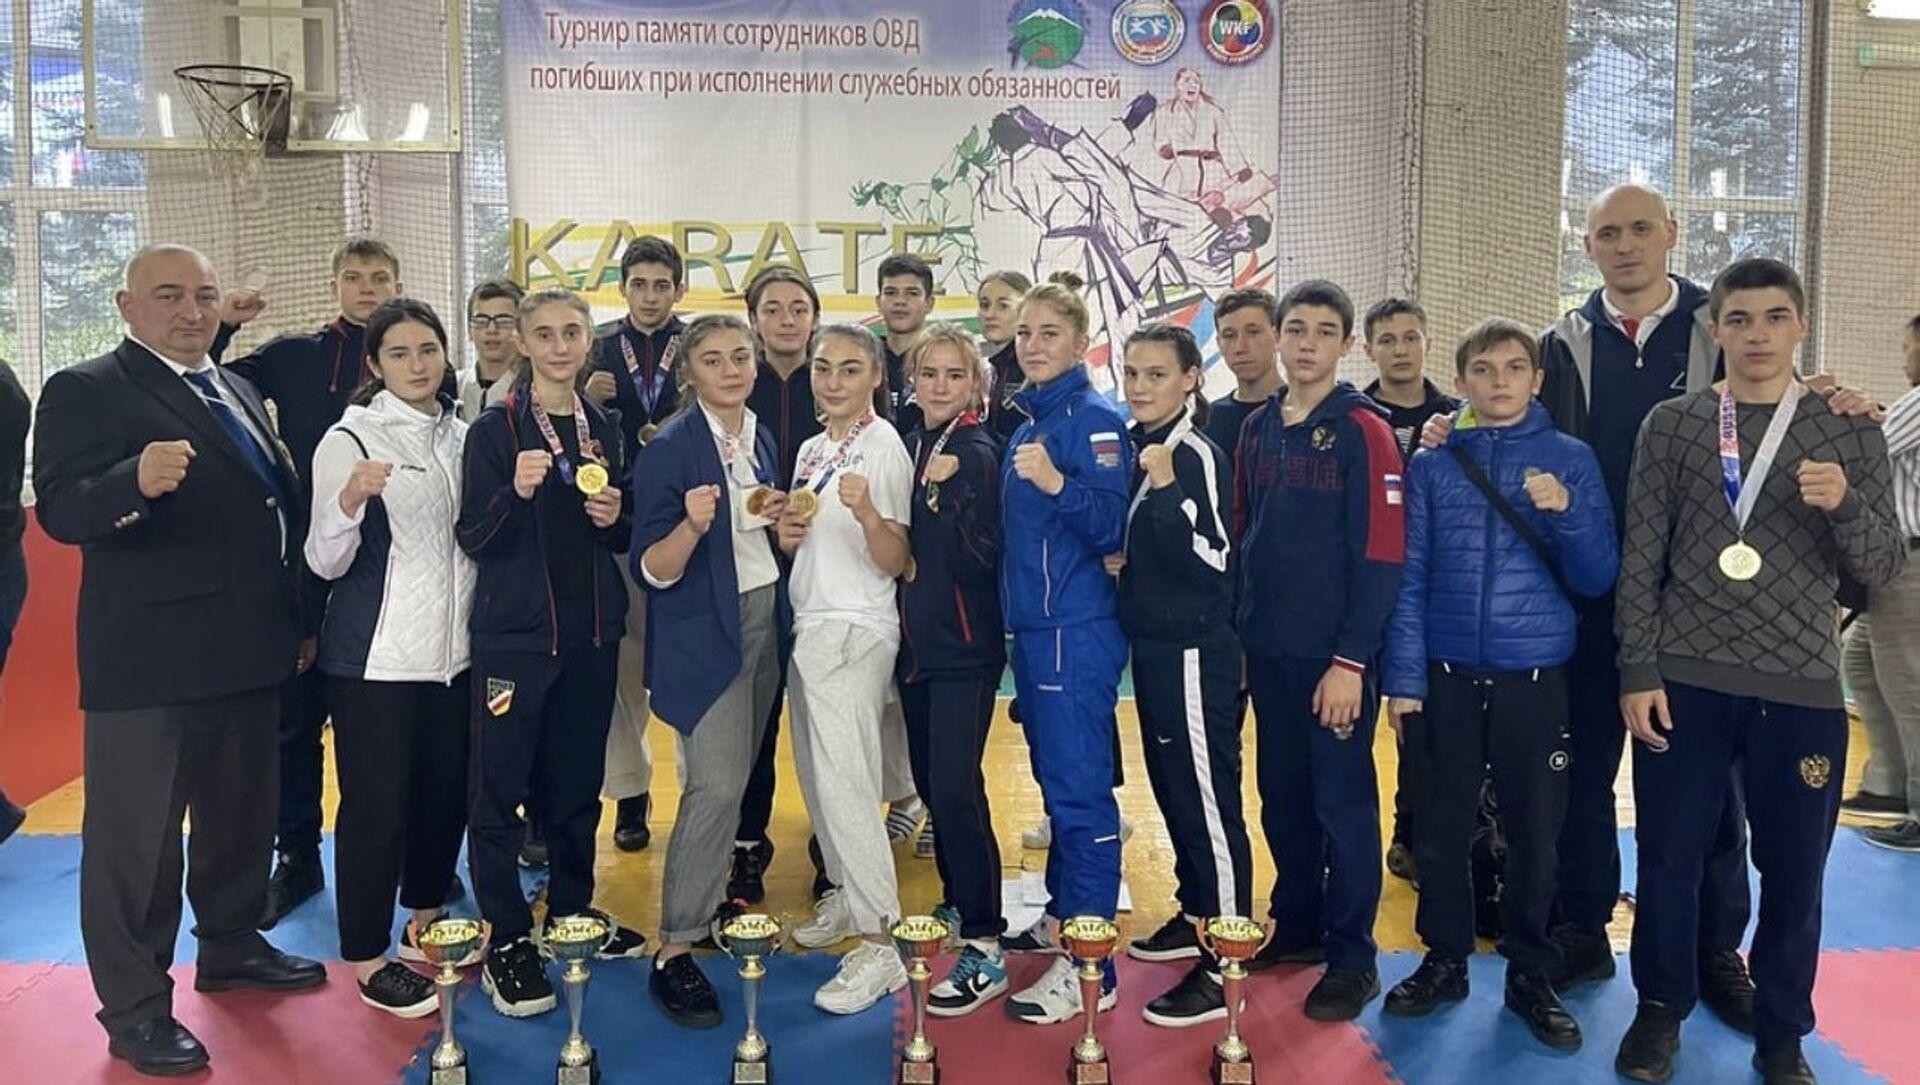 Осетинские каратисты завоевали 23 награды на турнире в Кабардино-Балкарии - Sputnik Южная Осетия, 1920, 13.10.2021